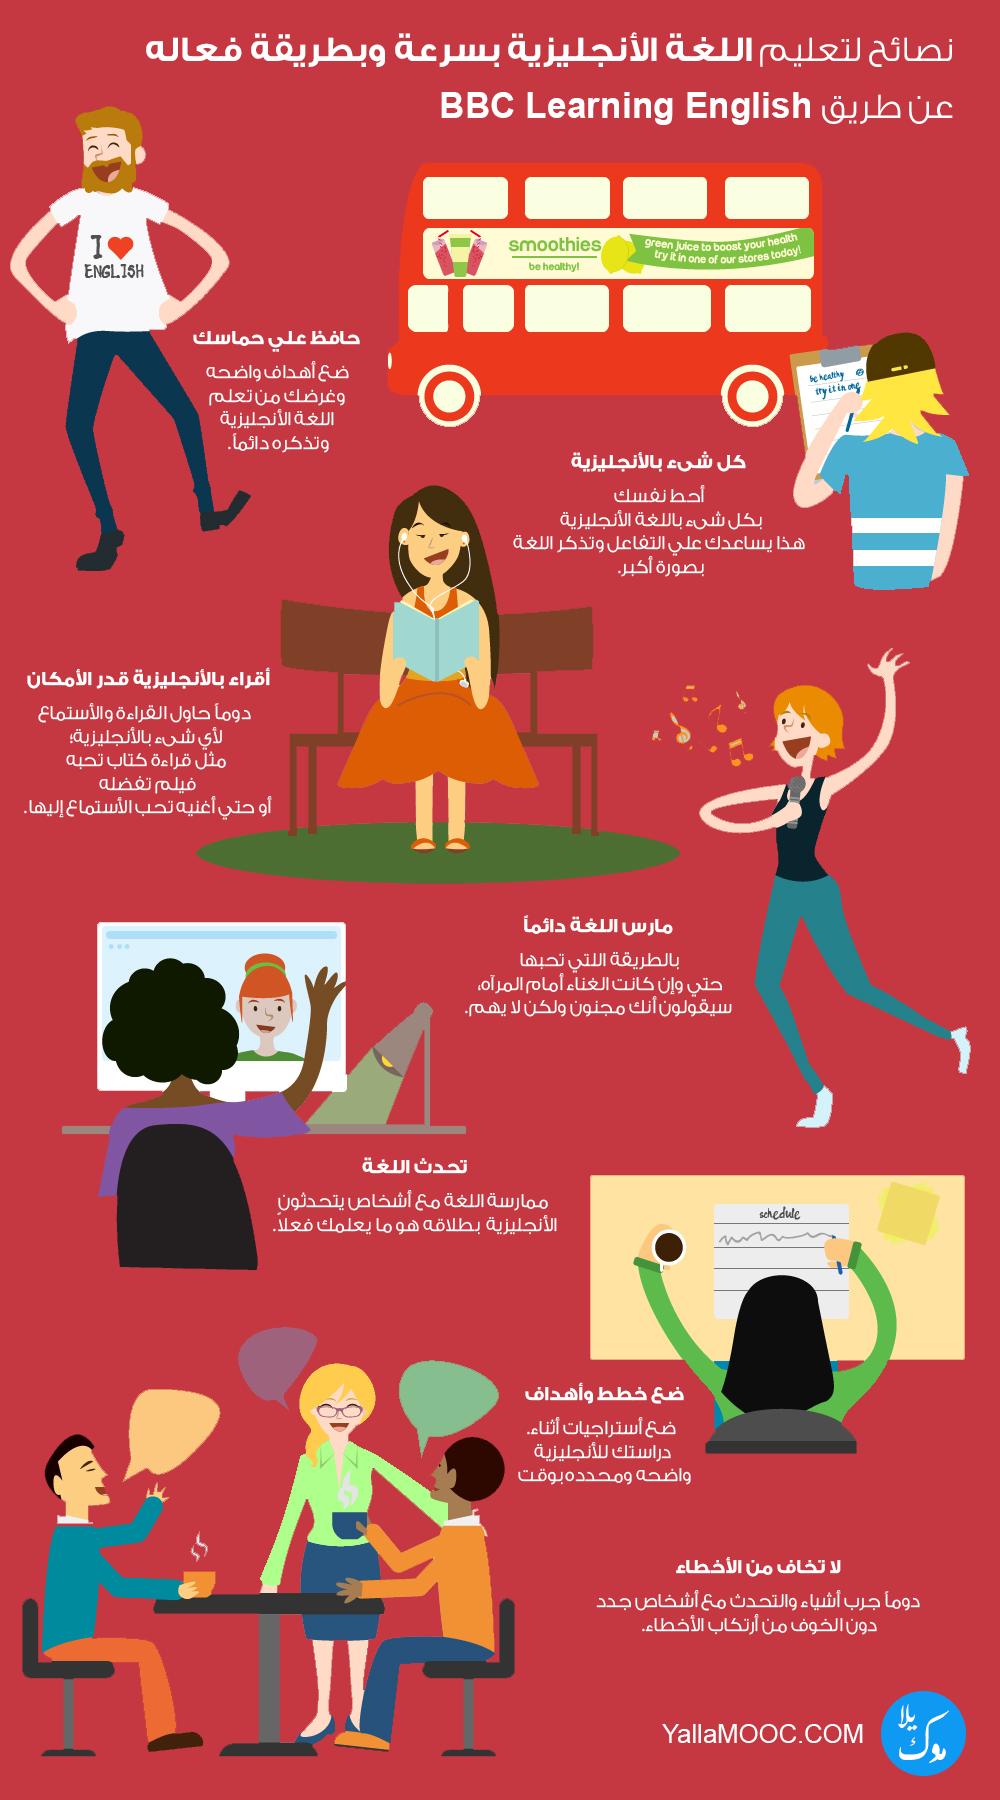 نصائح لتعليم اللغة الأنجليزية بسرعة وبطريقة فعاله Learn English Learning English